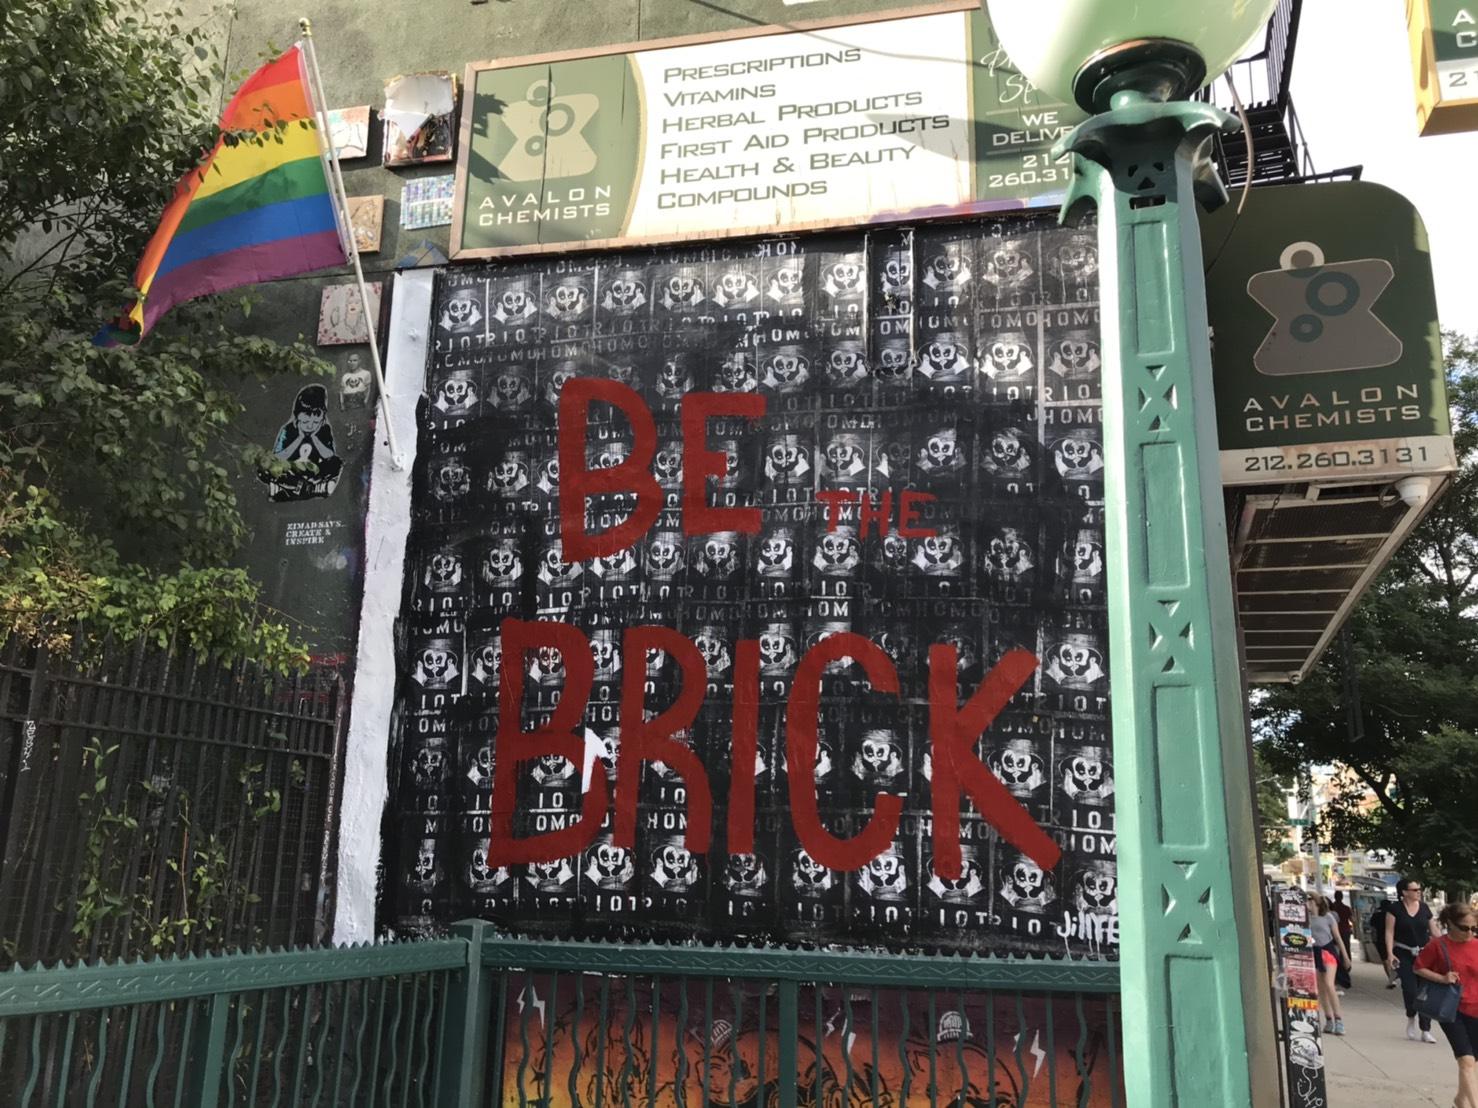 曼哈頓下東城一幅支持同志運動的壁畫,寫著「成為其中一塊磚」(指同志運動起源「石牆」事件)。(記者王若馨/攝影)